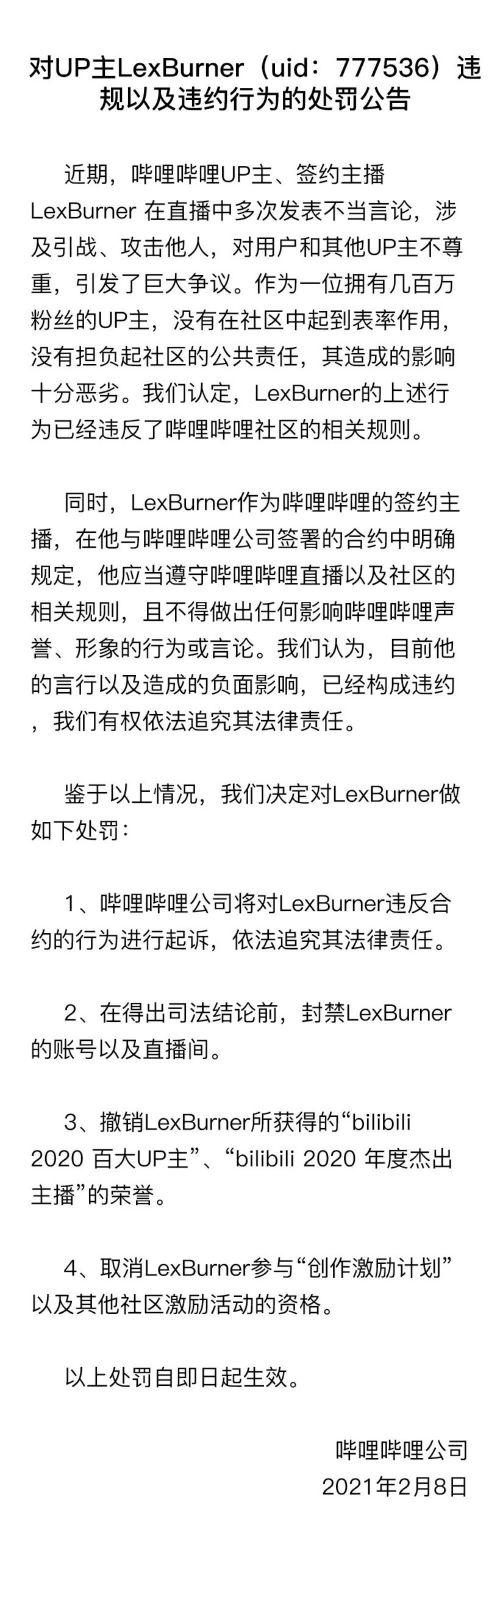 【星瓜】B站lex怎么了账号为什么被封 LexBurner说了什么事件始末